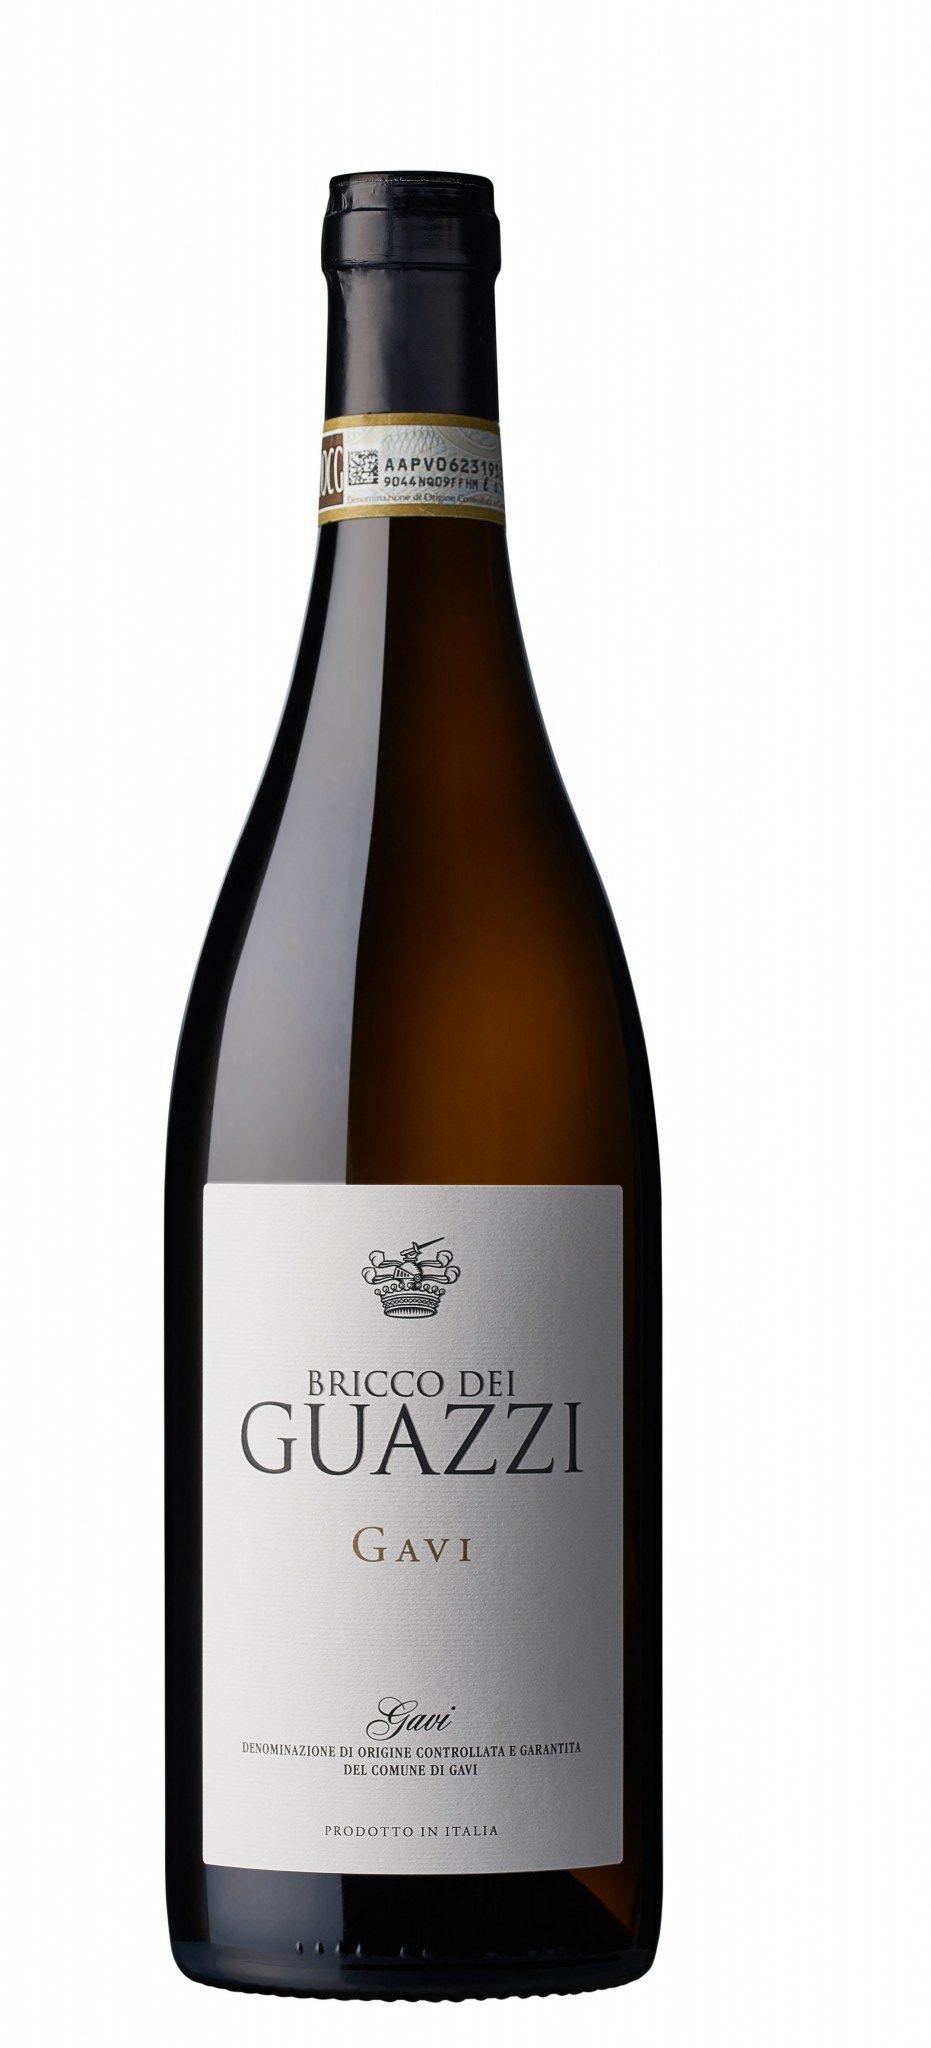 Bricco-dei-Guazzi-Gavi